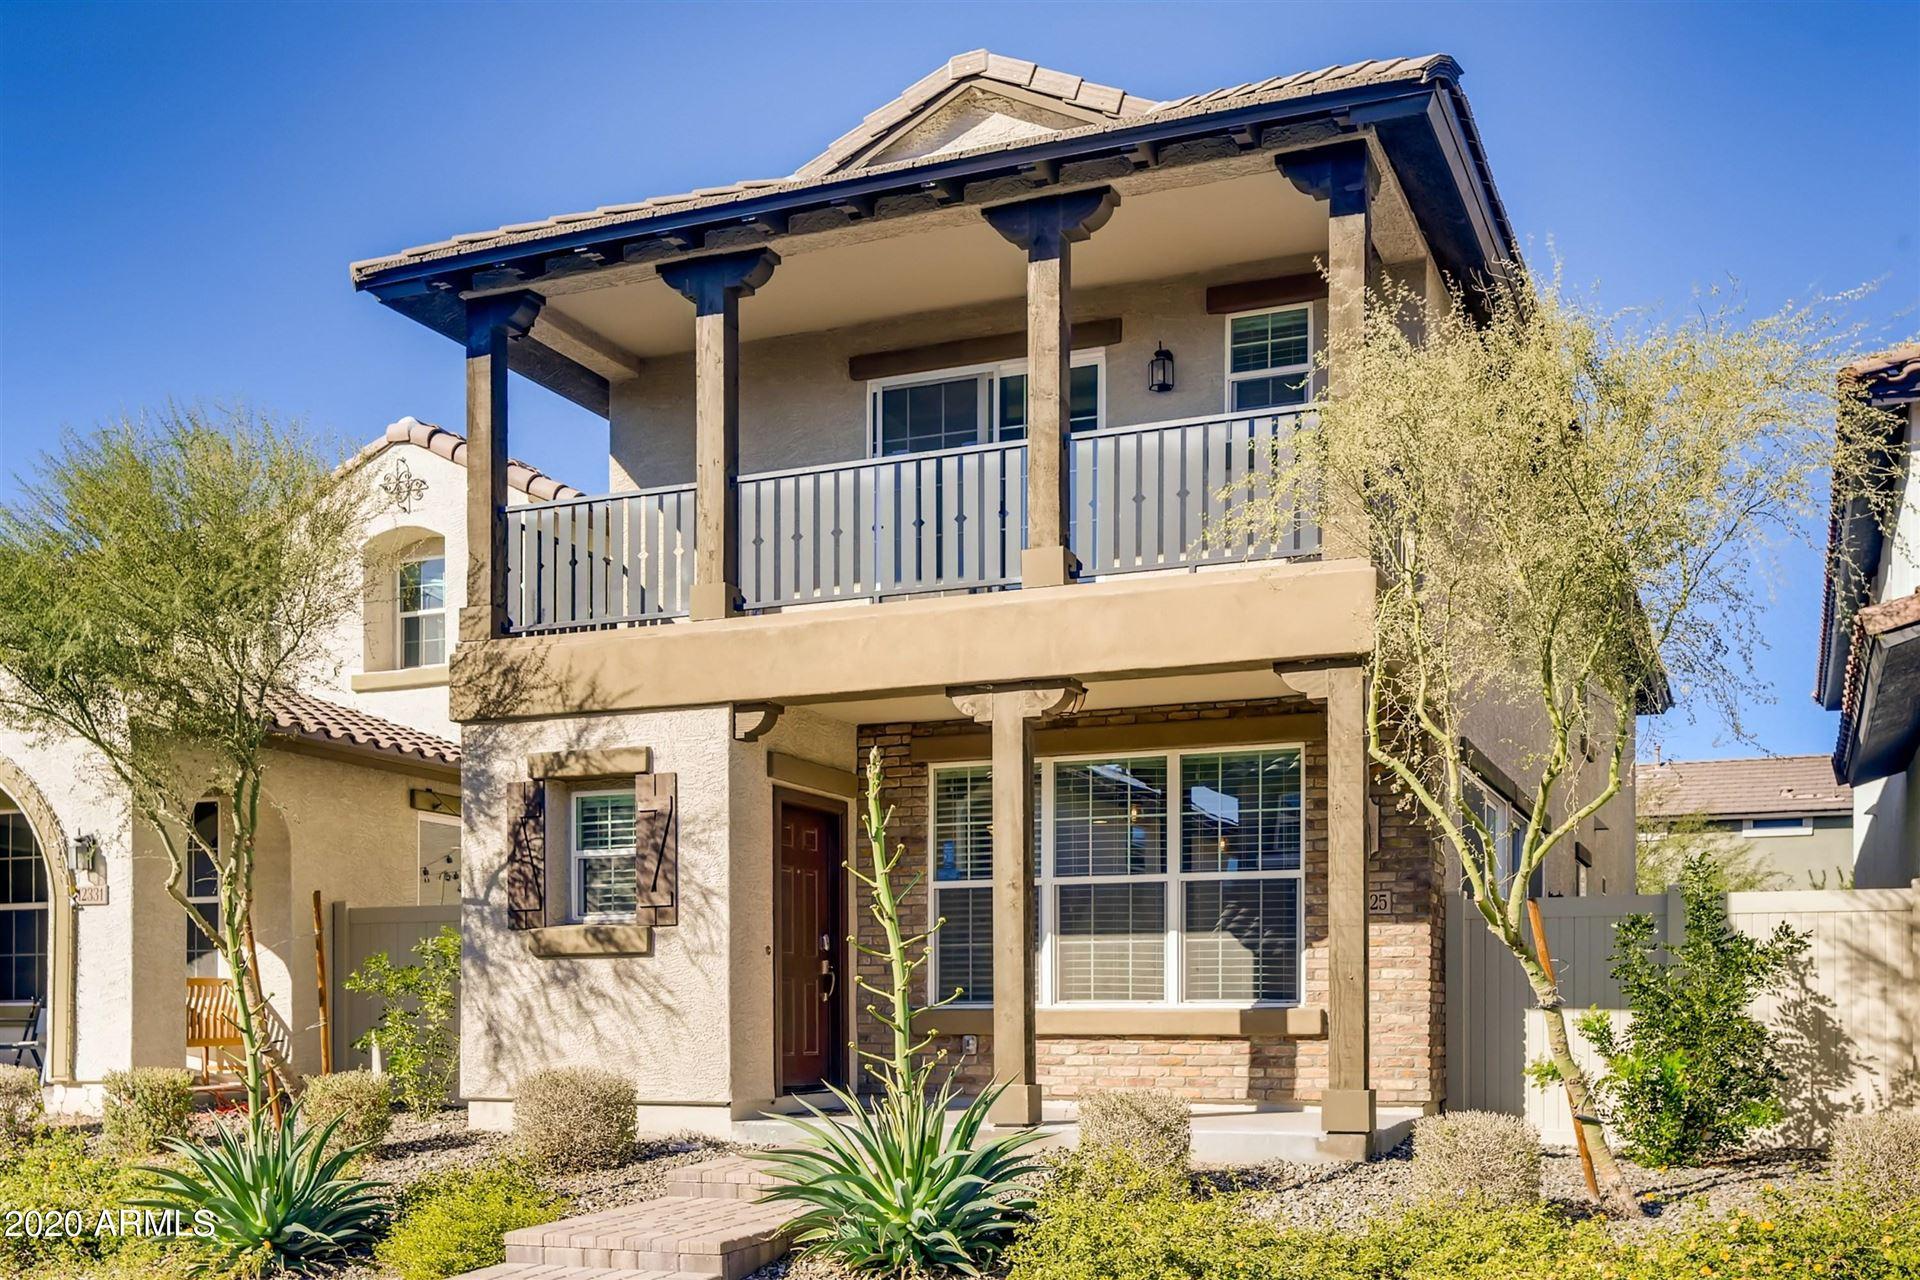 12325 W ESSIG Way, Peoria, AZ 85383 - MLS#: 6172426